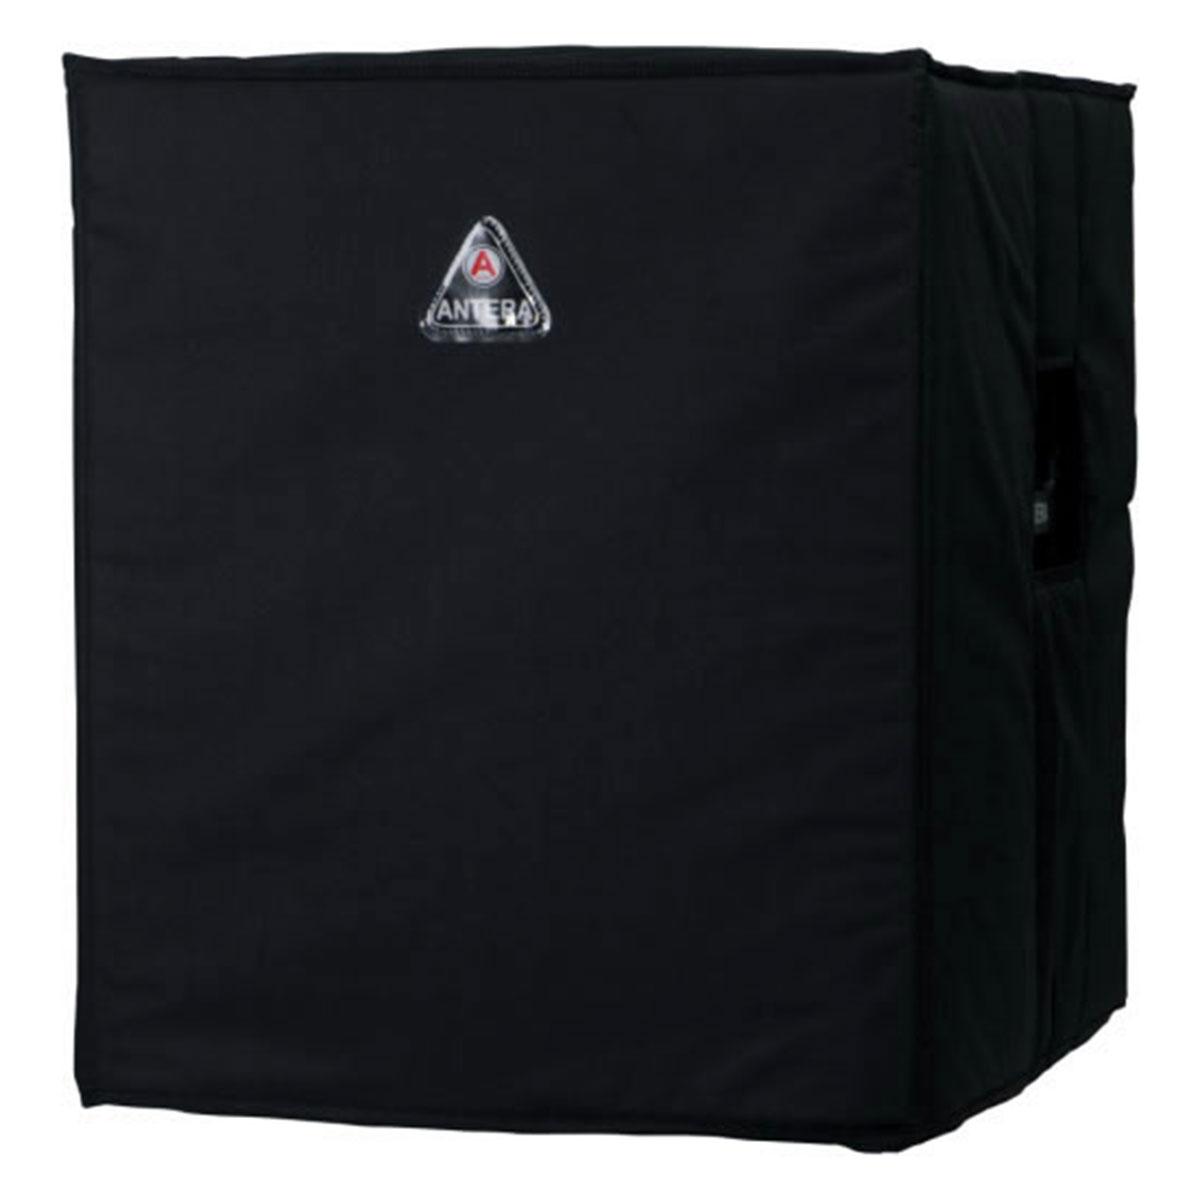 Capa de Proteção p/ as Caixas LF1000 / LF1000AF / LF1000AX / LF1000F  - Antera